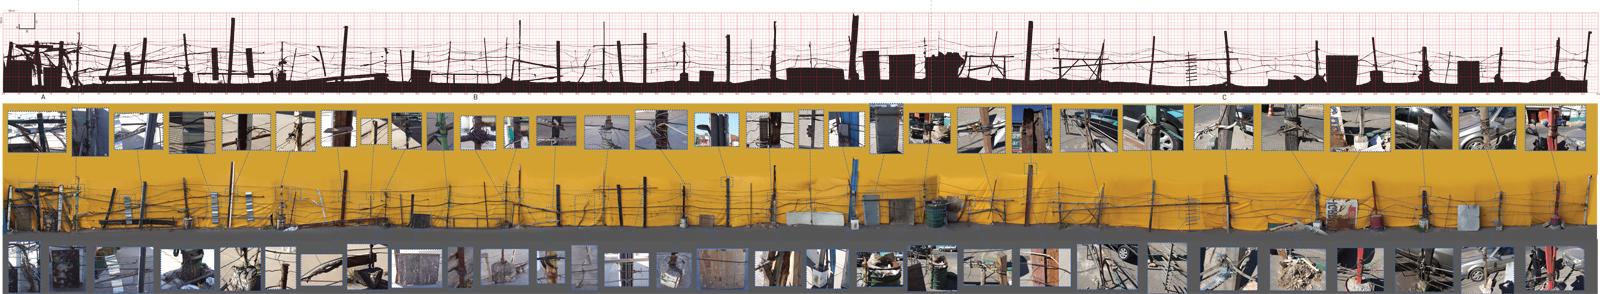 09_cerca arquivo finall.jpg